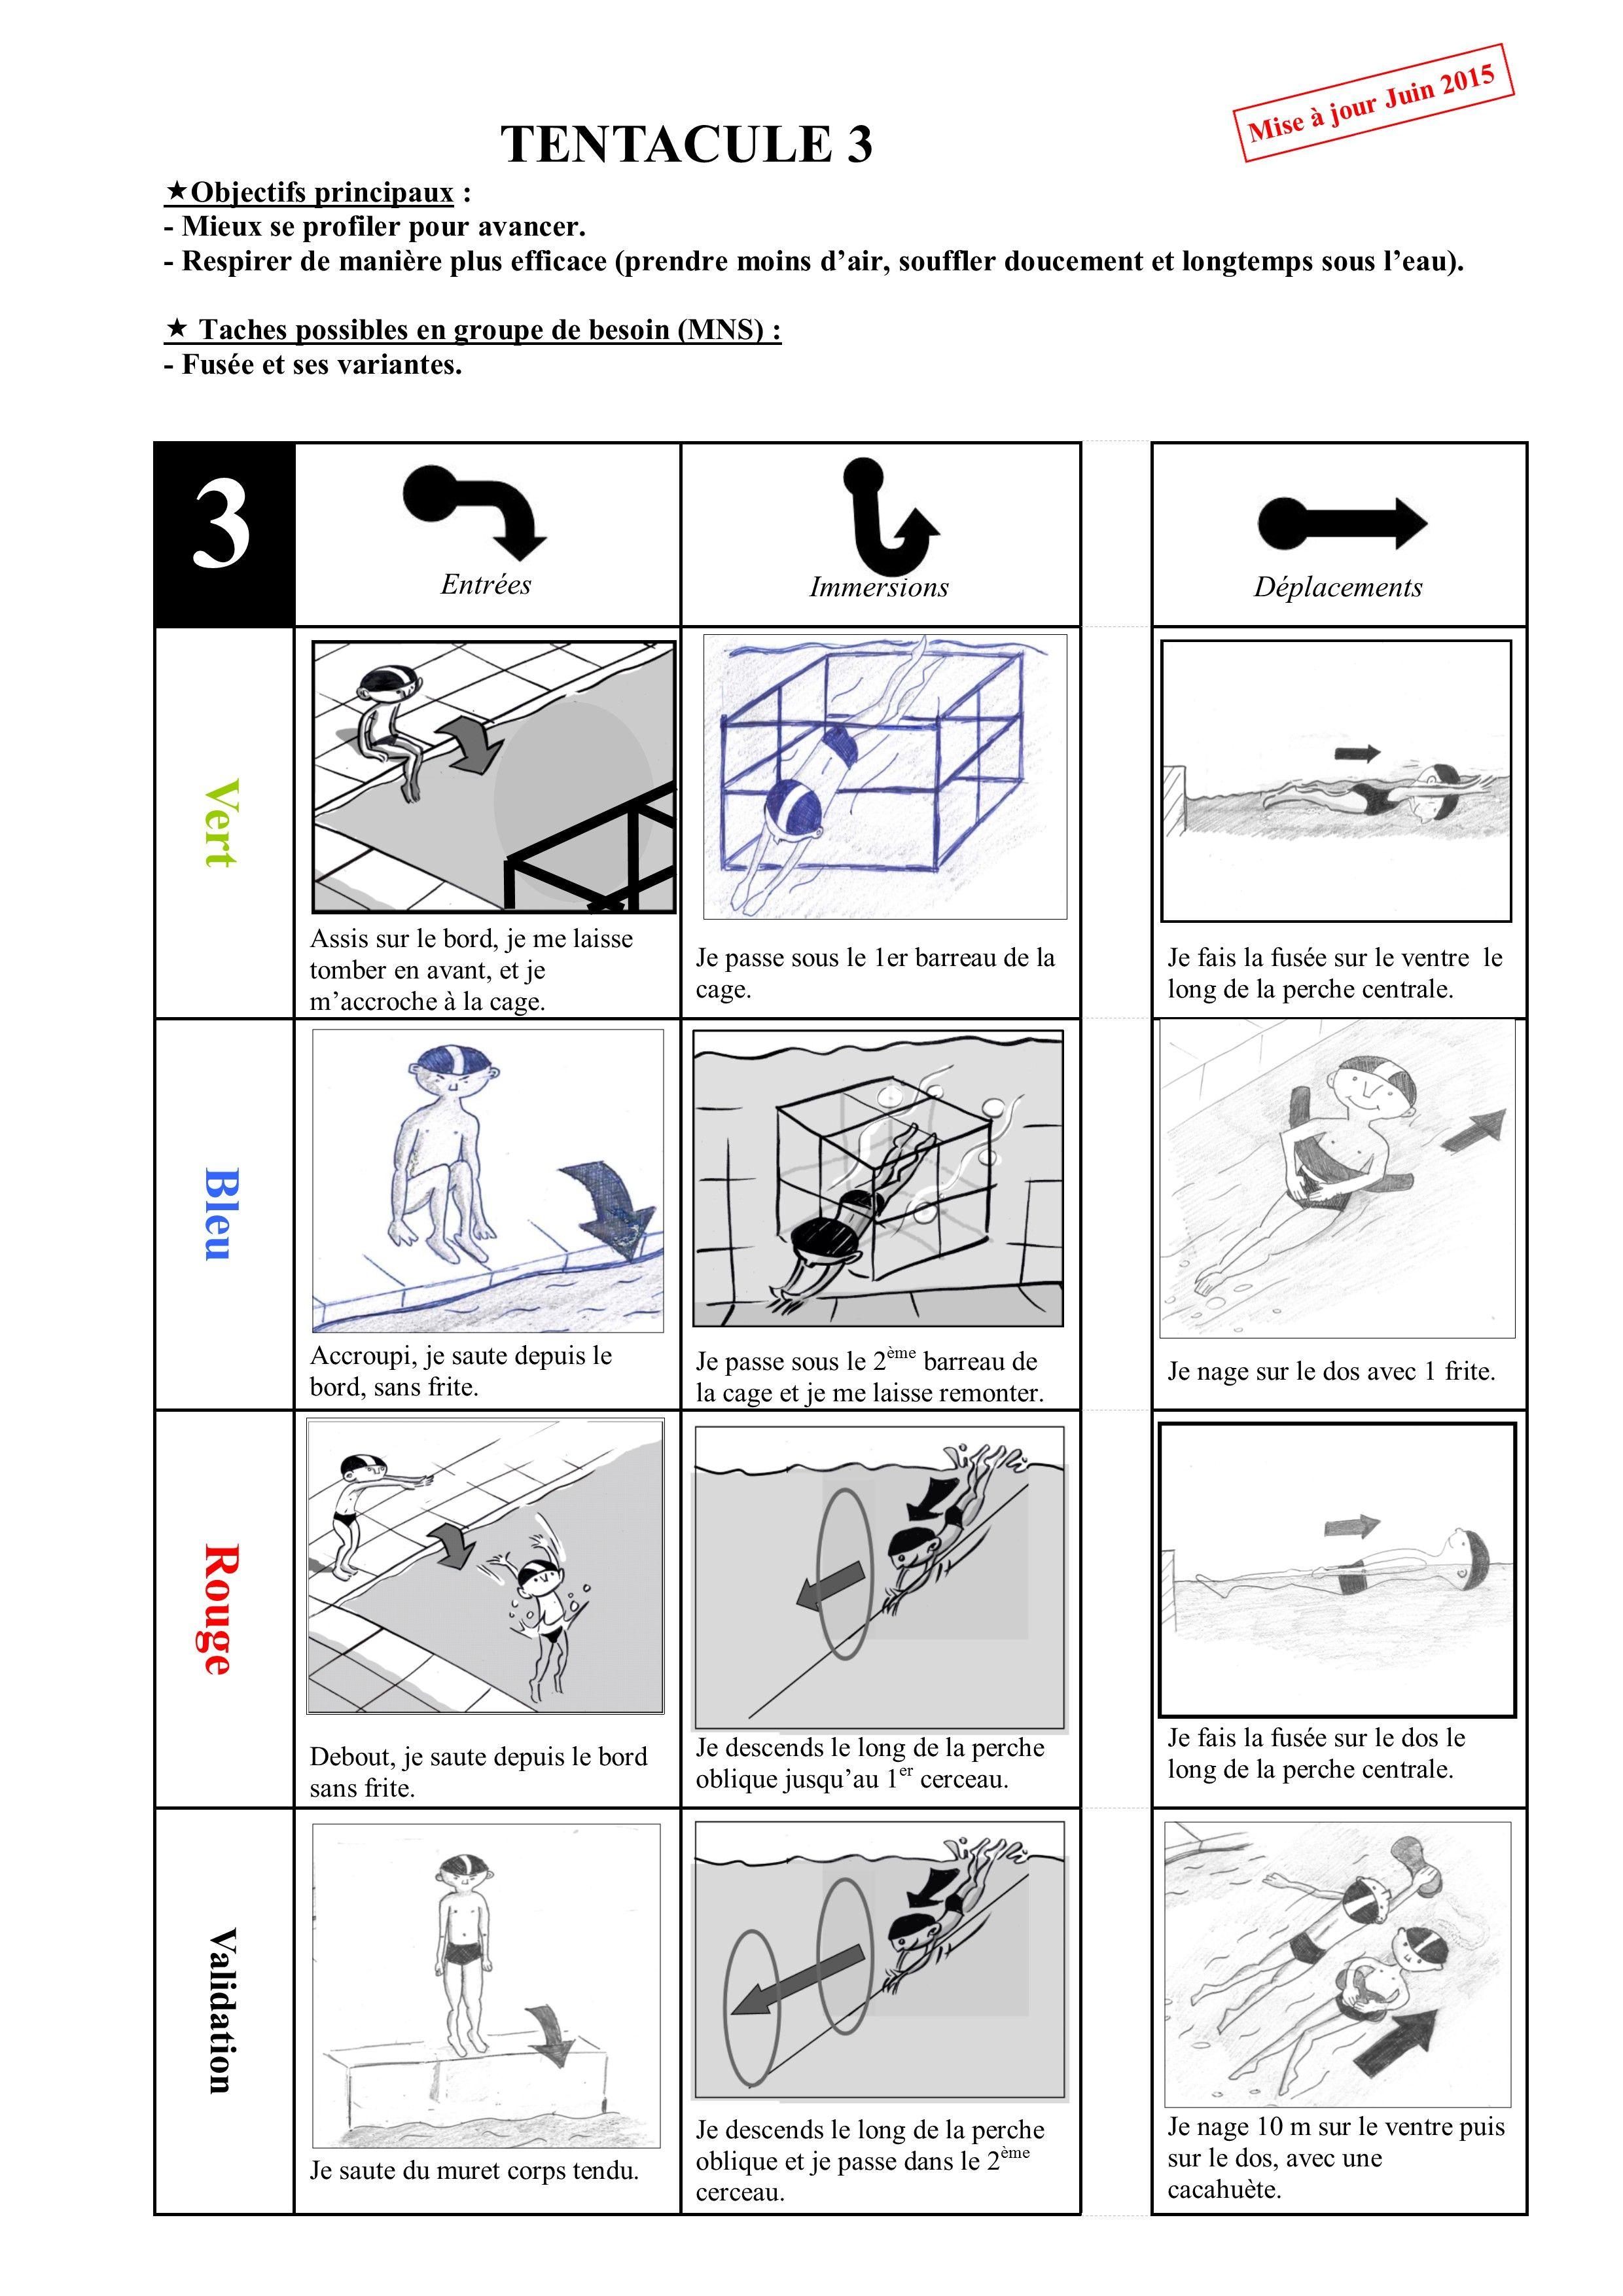 JPEG - 978.1 ko   Pratique   Pinterest   Natation, CE1 et Cp